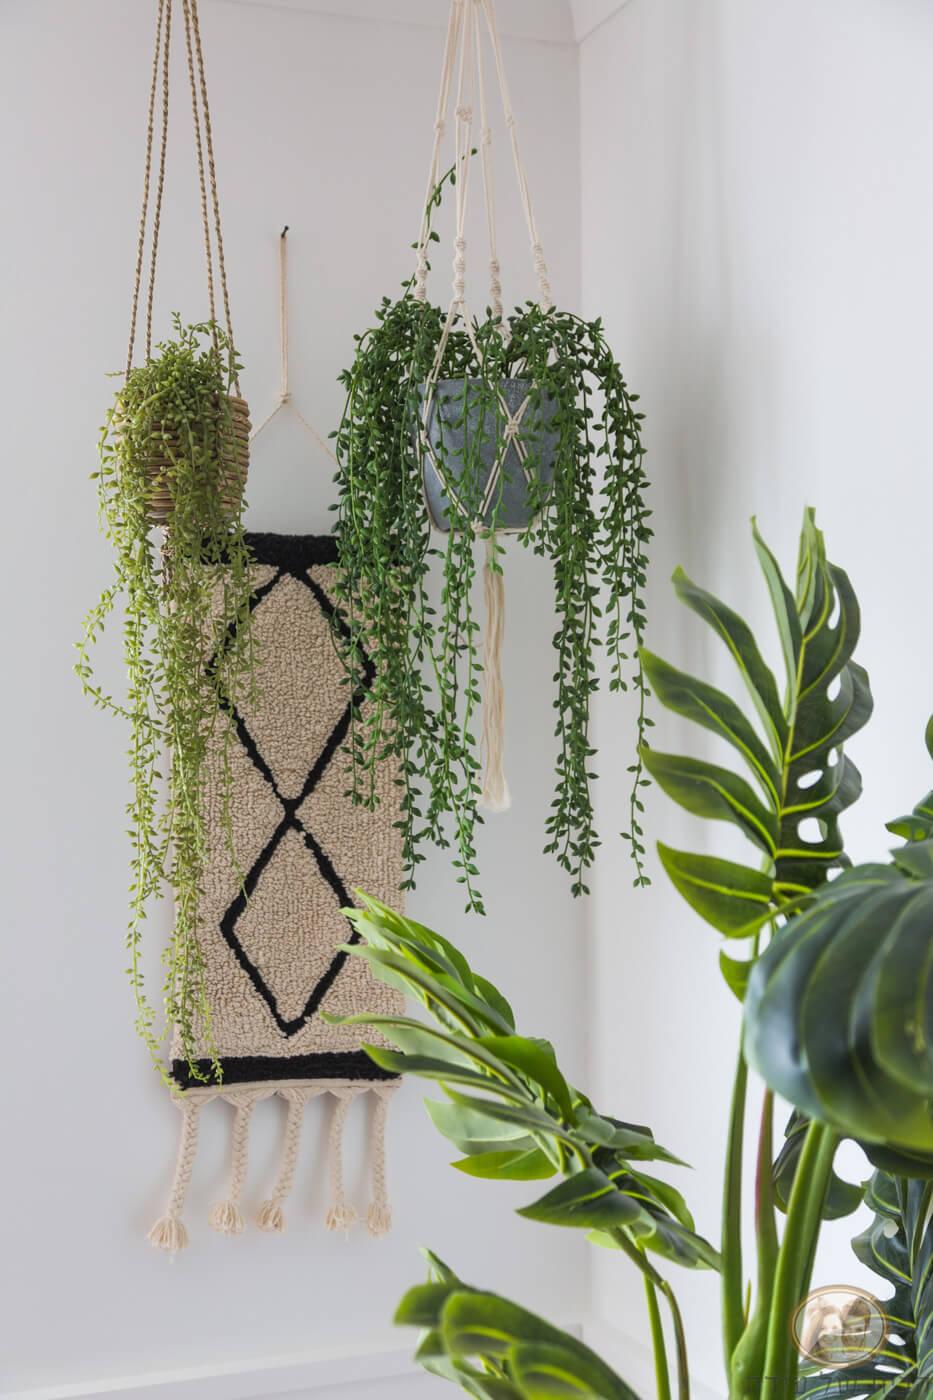 עיצוב בית בסגנון נורדי שמוש בצמחיה מלאכותית